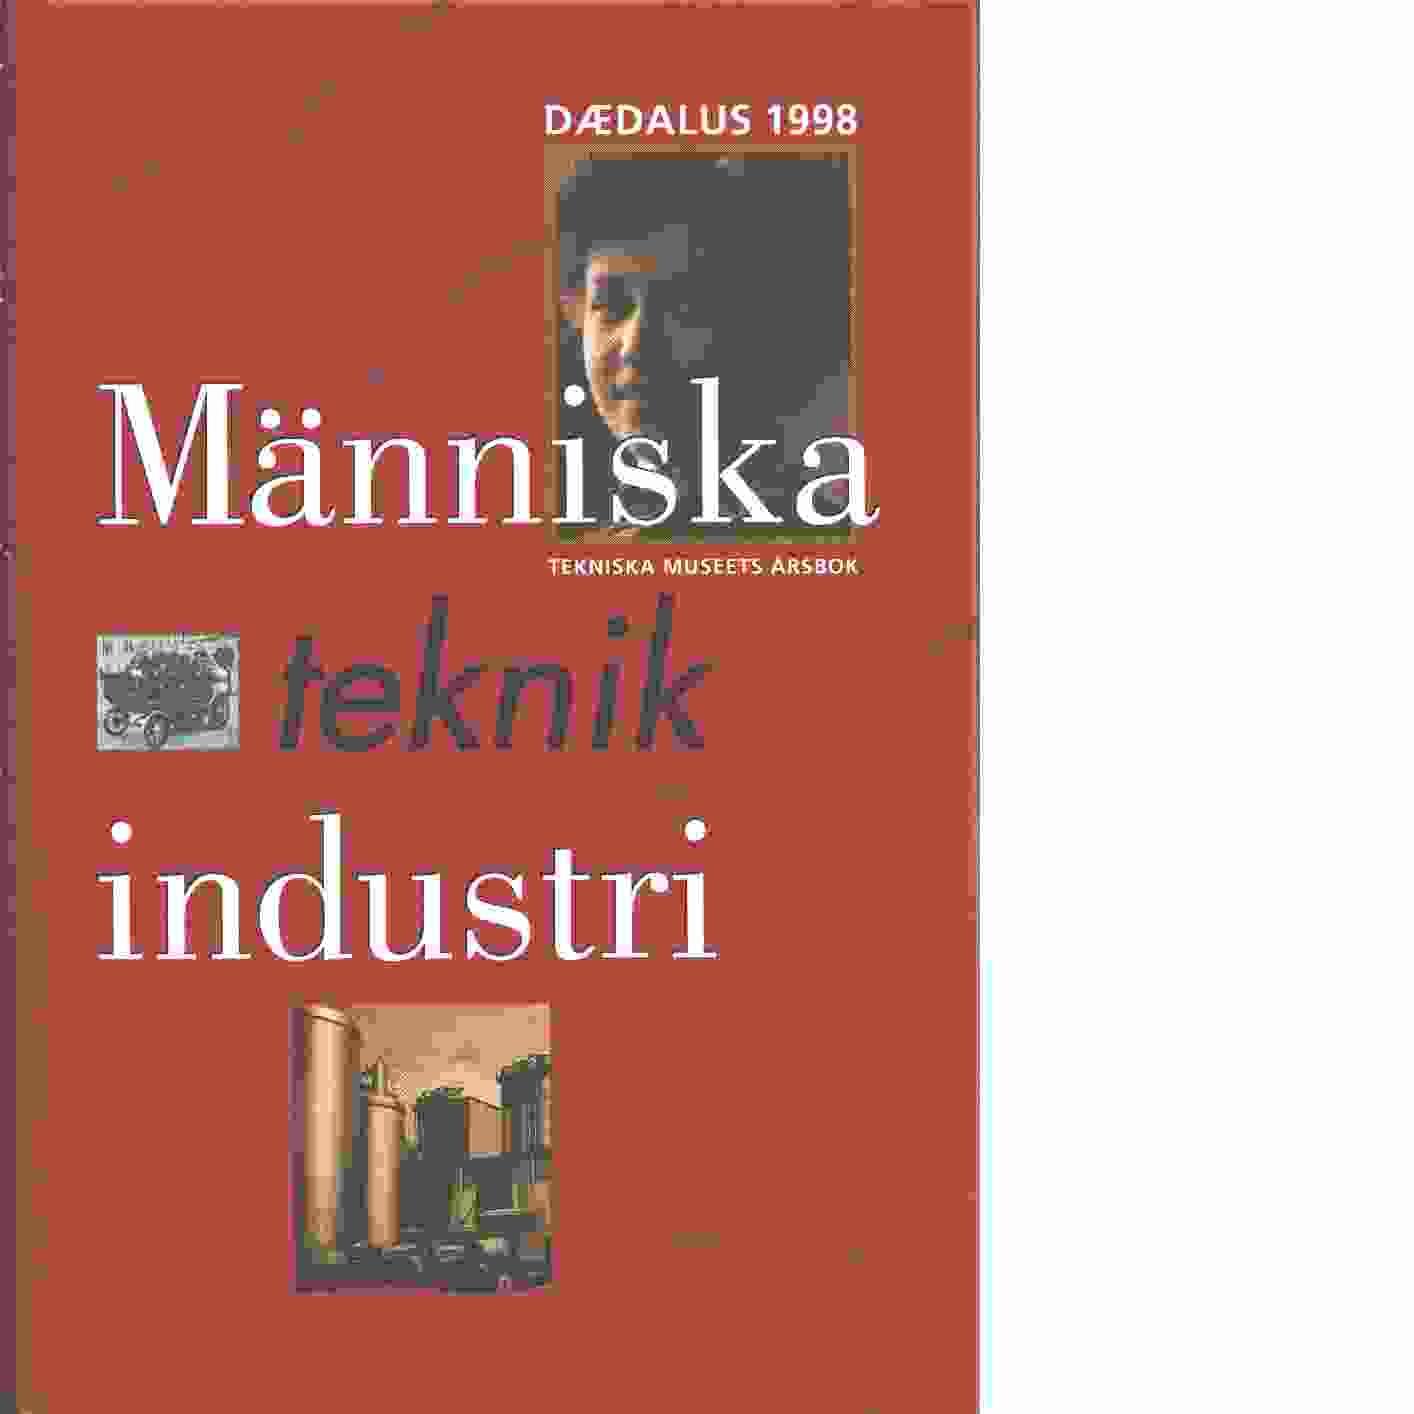 Människa, teknik, industri  Dædalus : [Tekniska museets årsbok]. - Red.